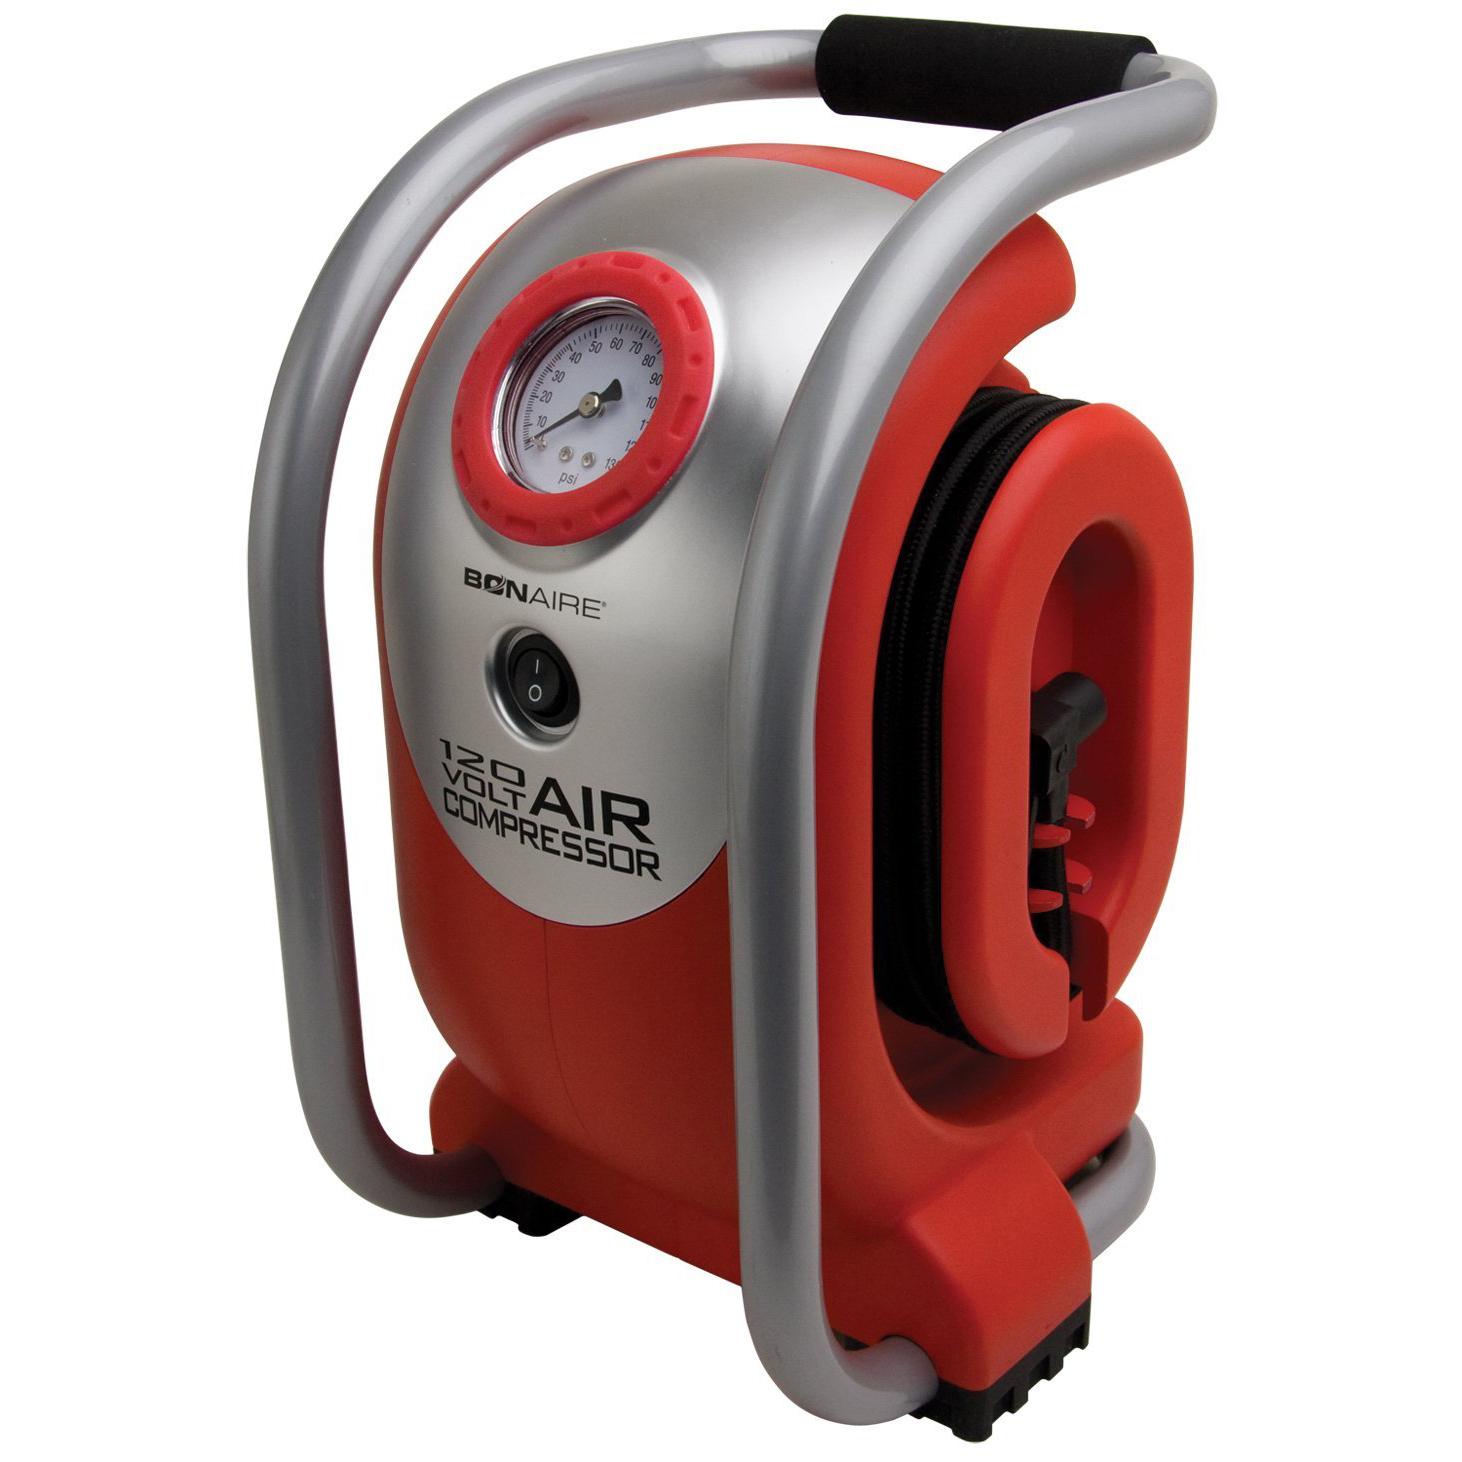 Bonaire Portable 120 Volt Air Compressor Wh120 Asd